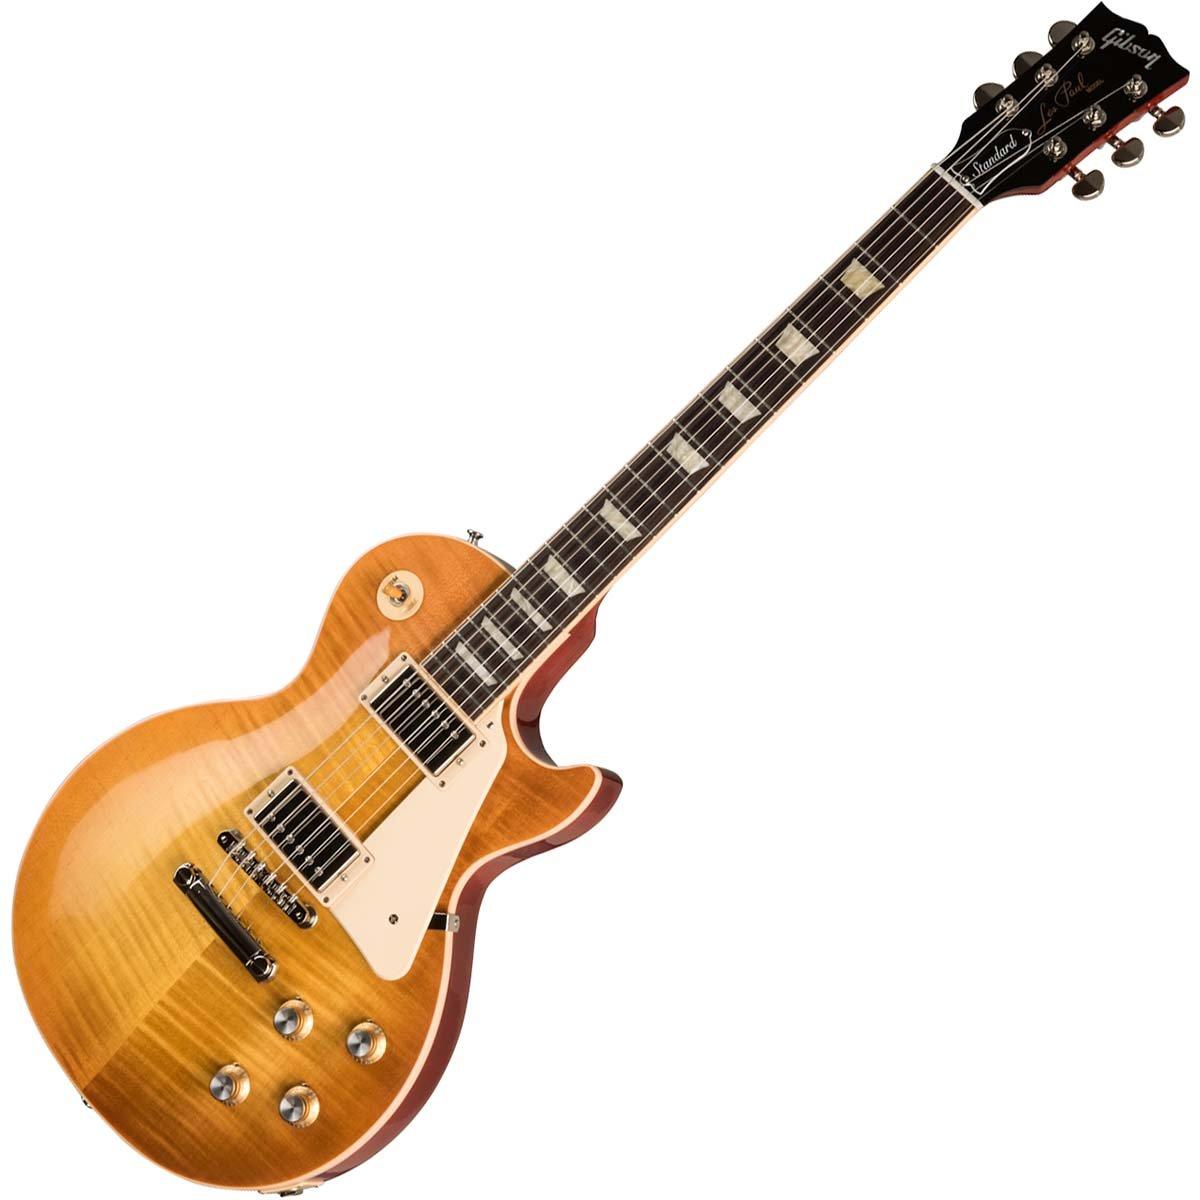 ギブソン レスポール スタンダード 60's エレキギター